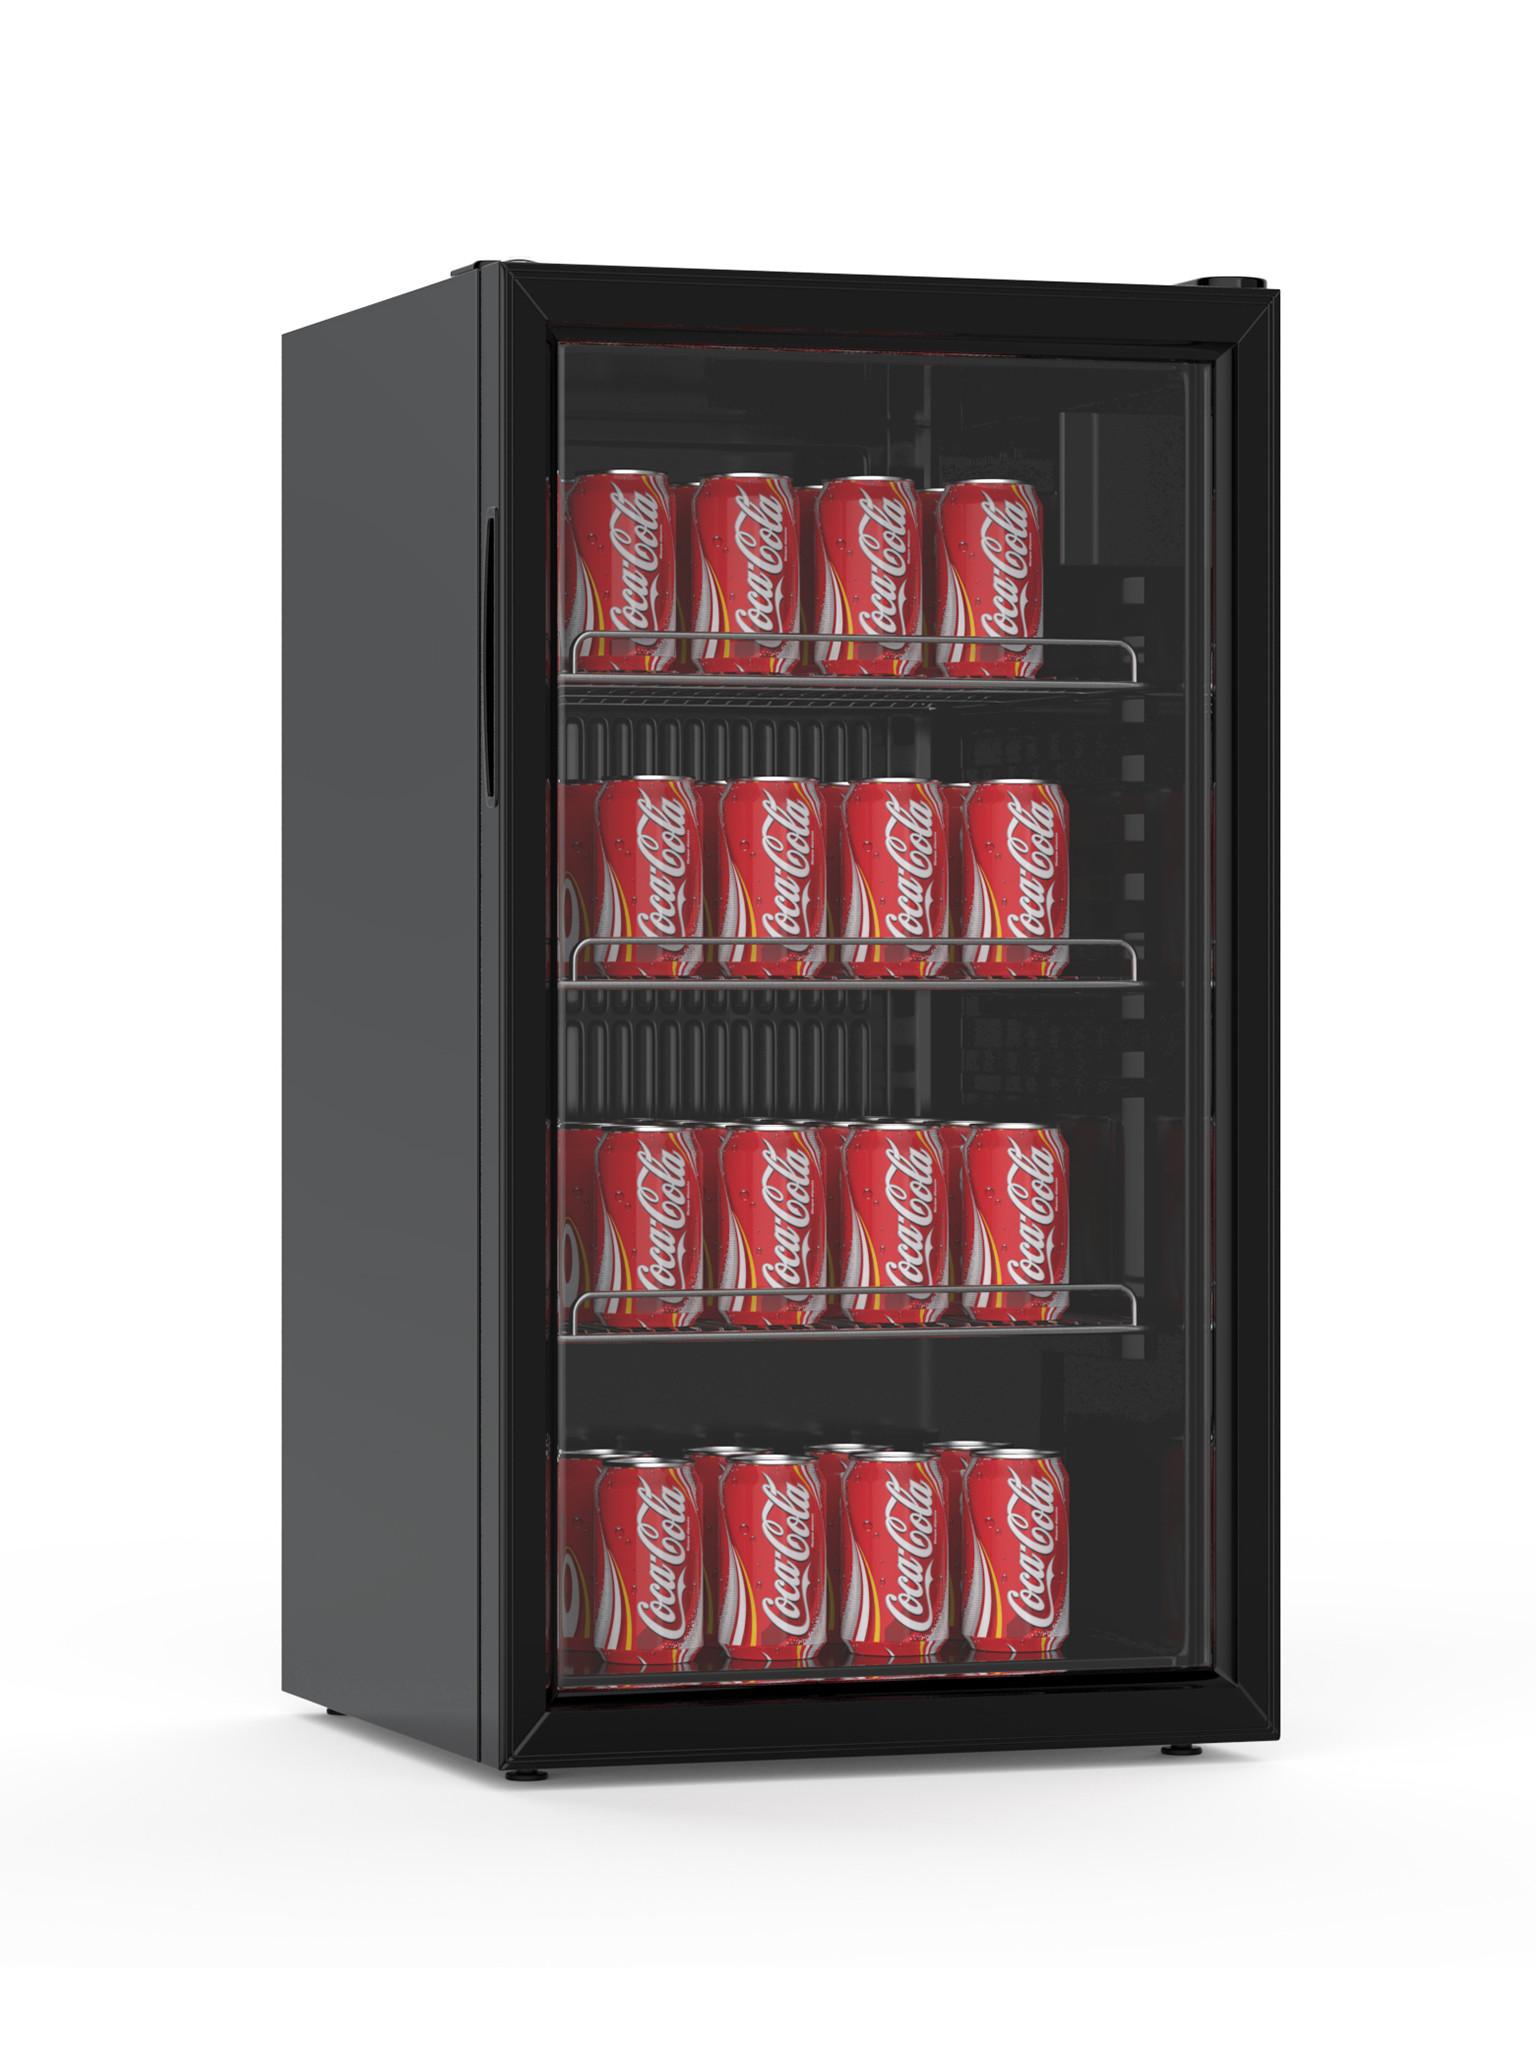 Koelkast - 85 liter - Glasdeur - Zwart